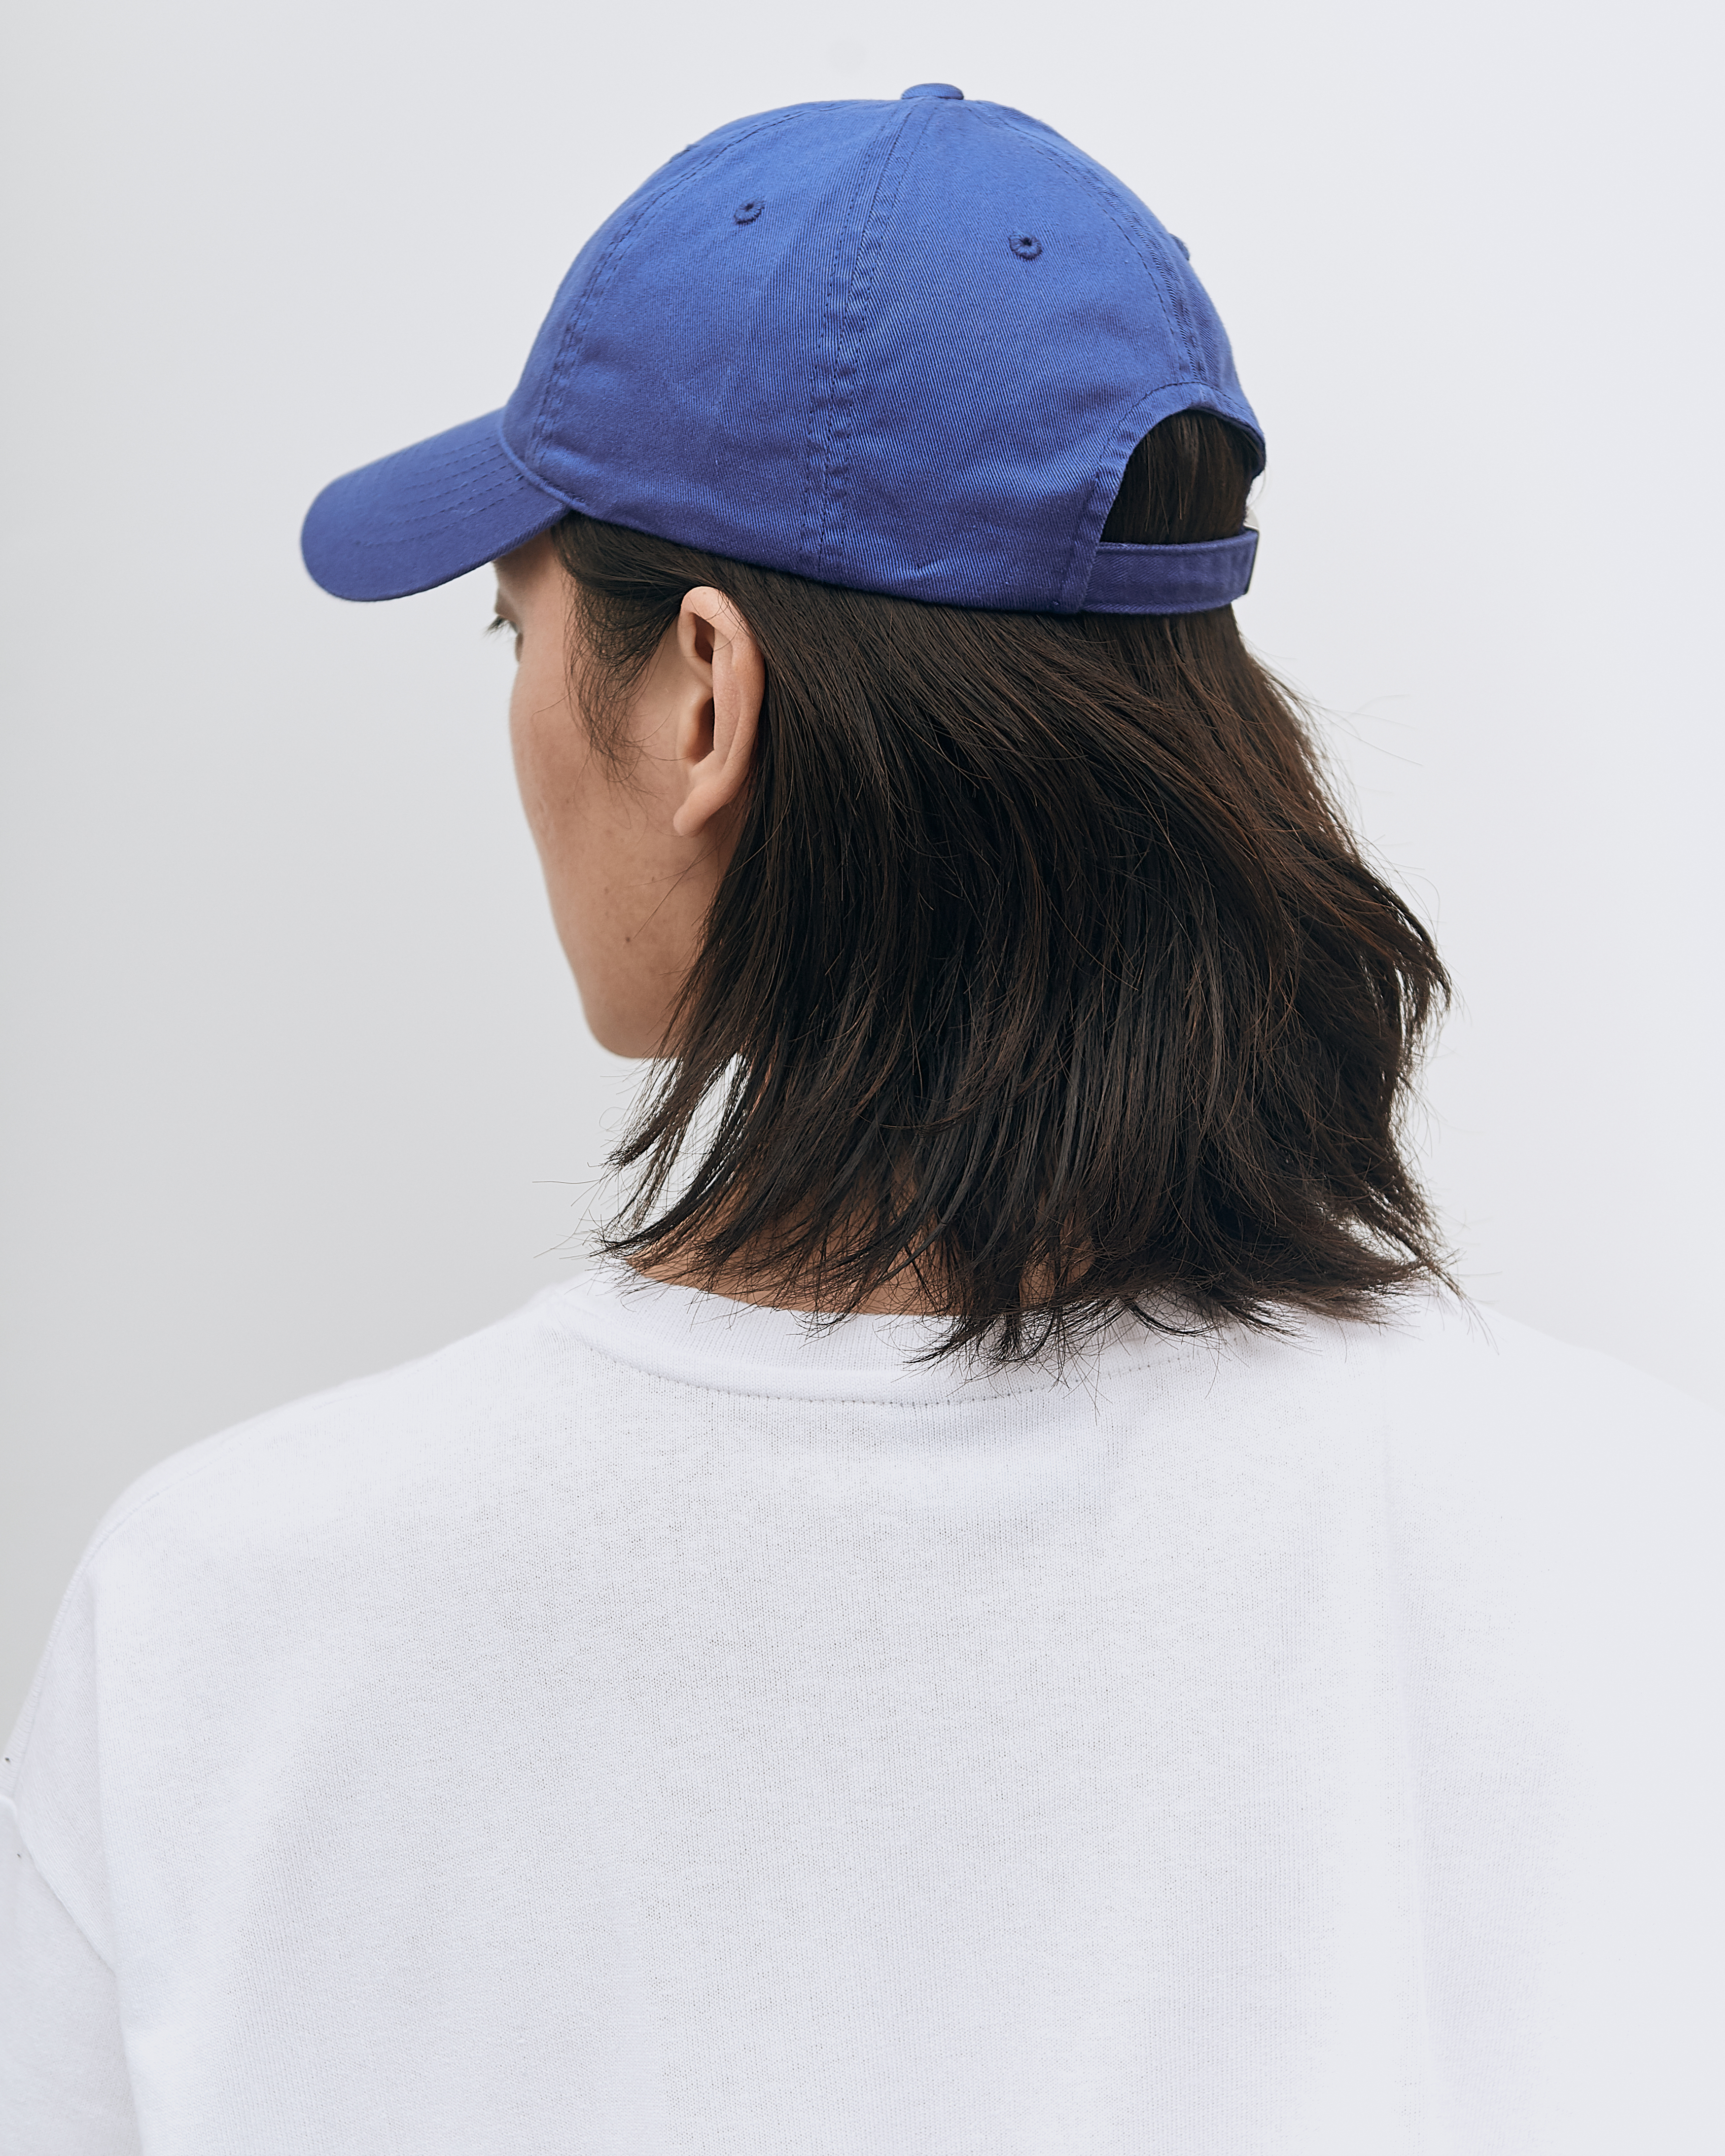 HCBall-Cap-Blue-Product-Description-4